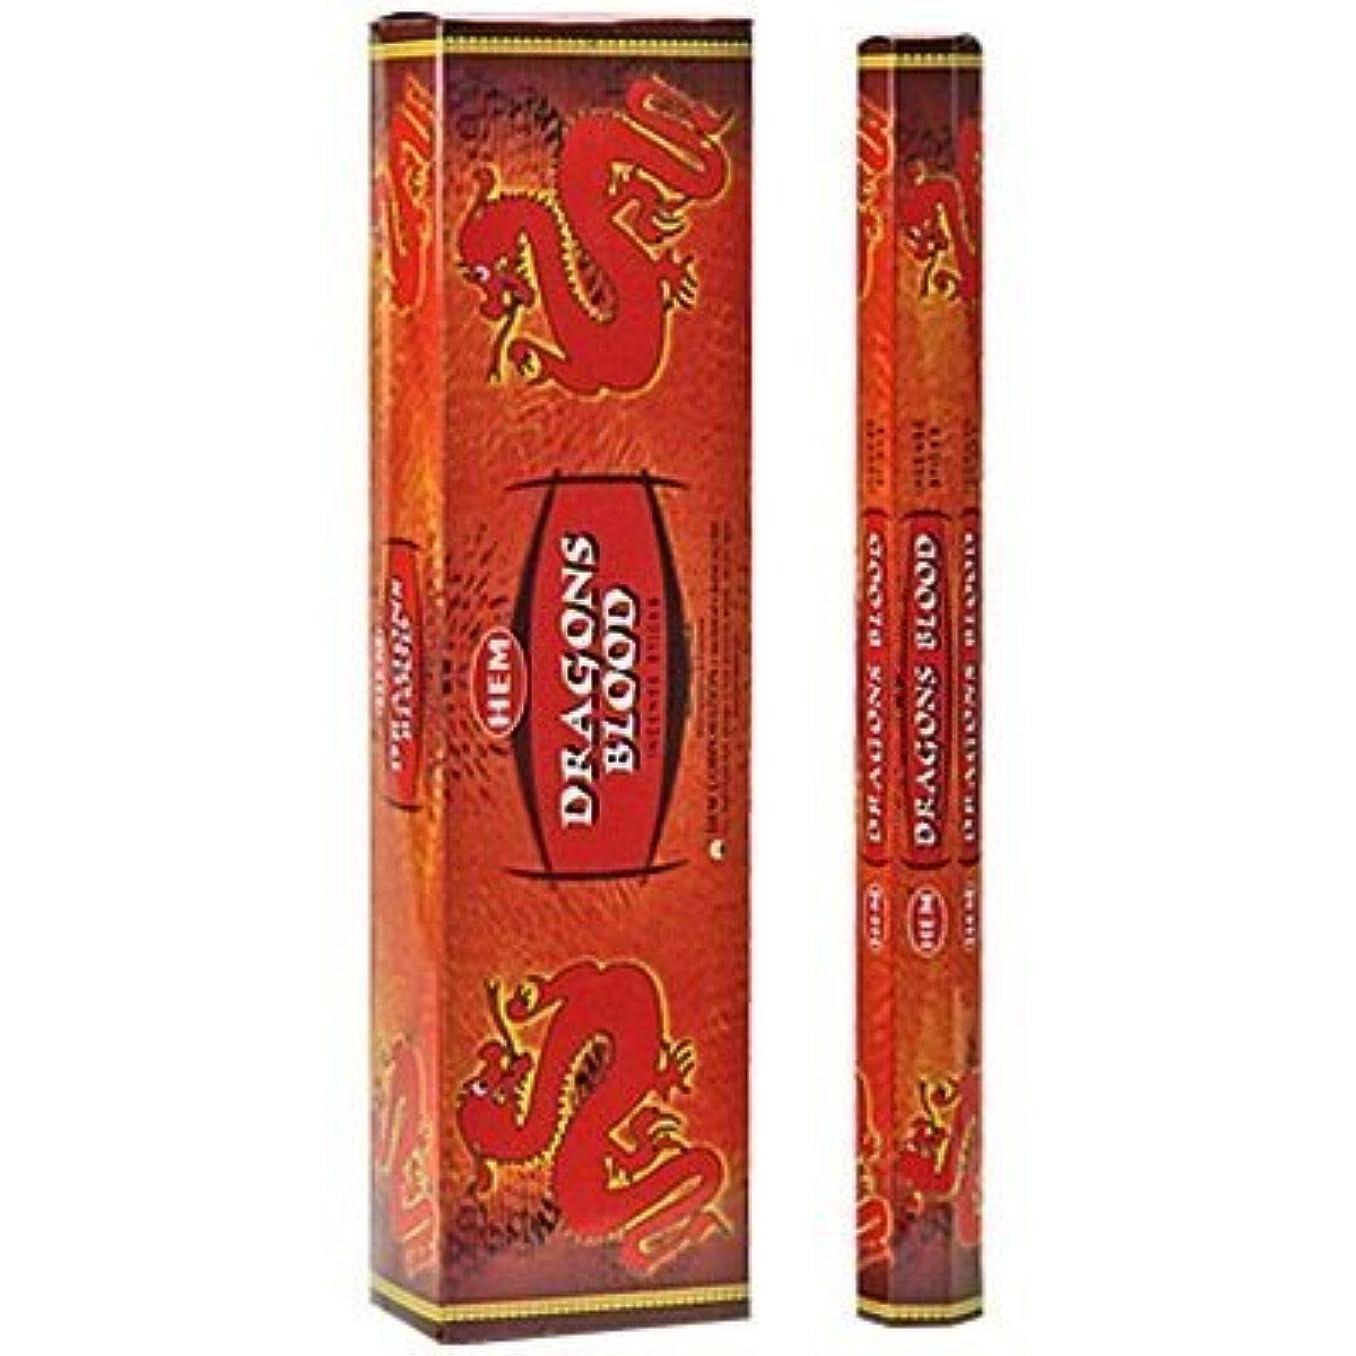 瞑想的刑務所バケツDragon Blood 16 Inches Tall – 60ジャンボSticksボックス – 裾Incense